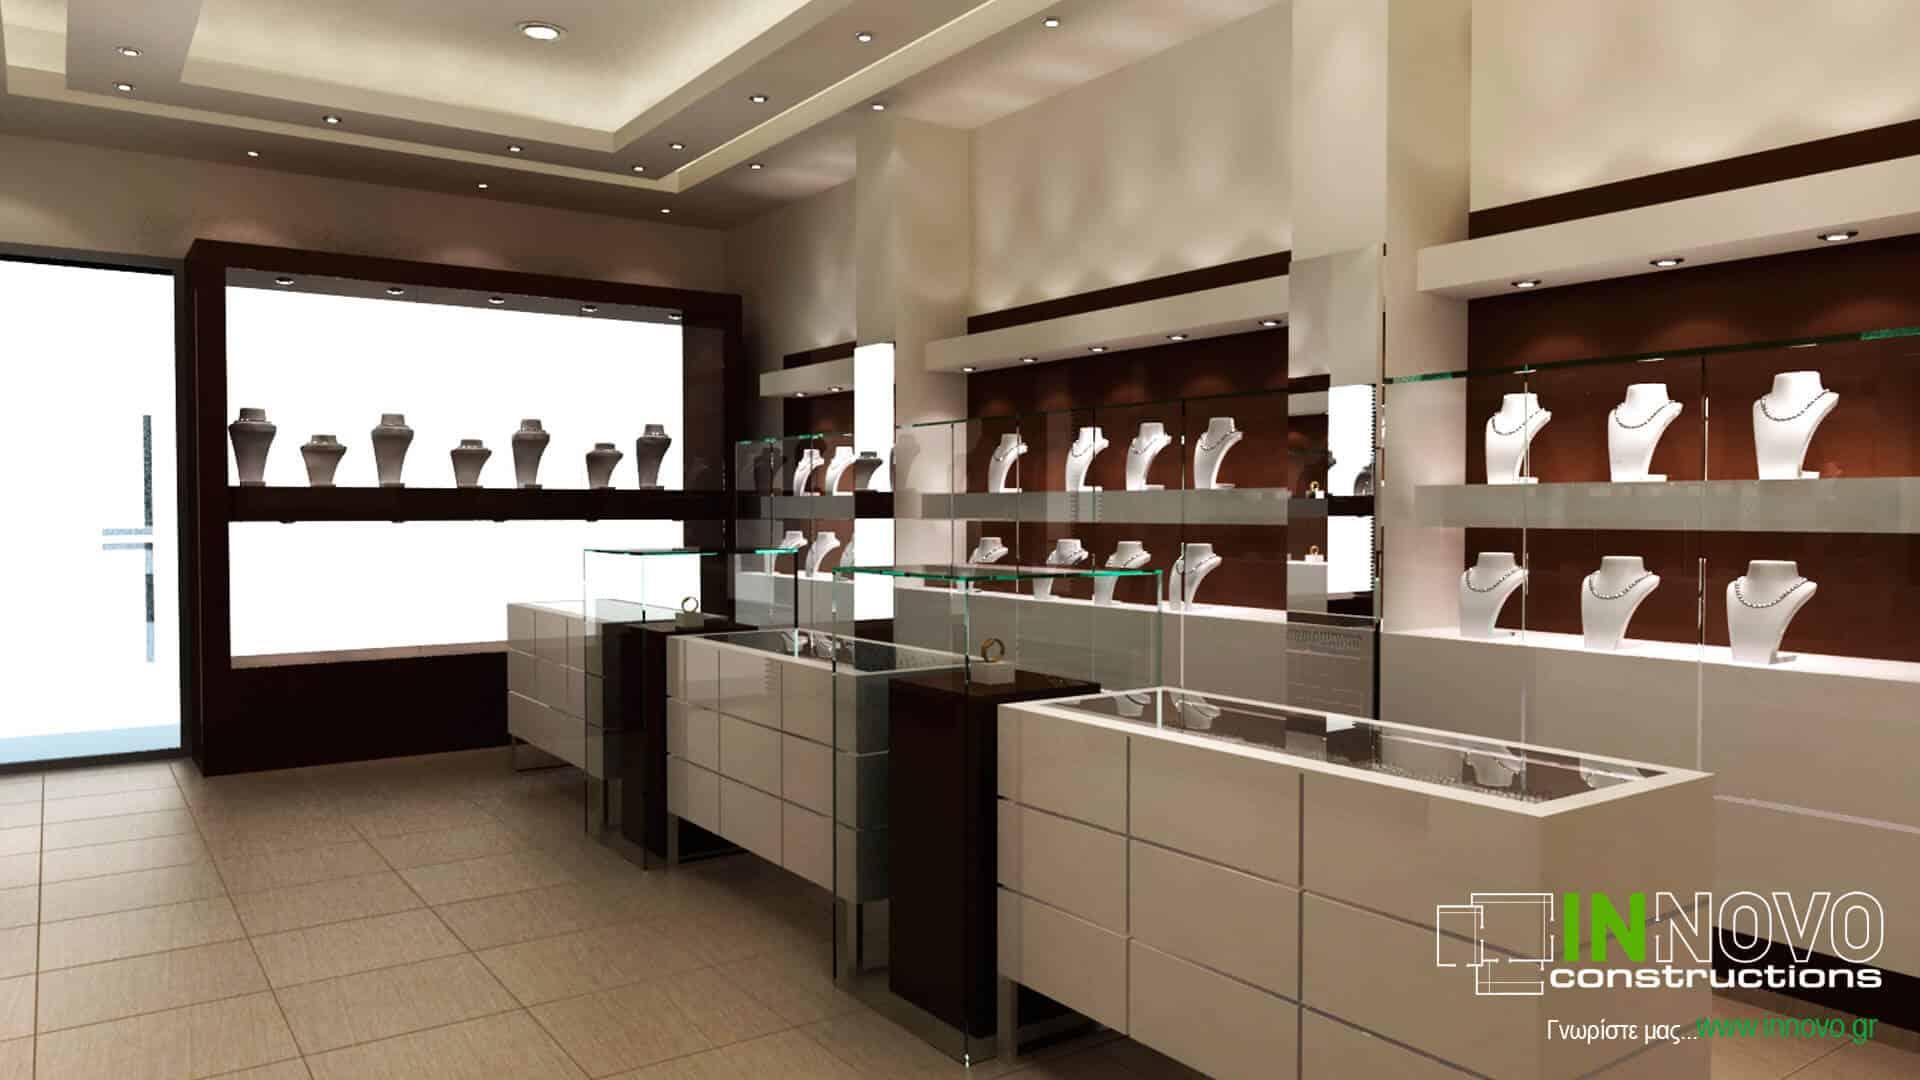 diakosmisi-kosmimatopoleiou-jewelry-design-kosmimatopoleio-lefkada-1187-4